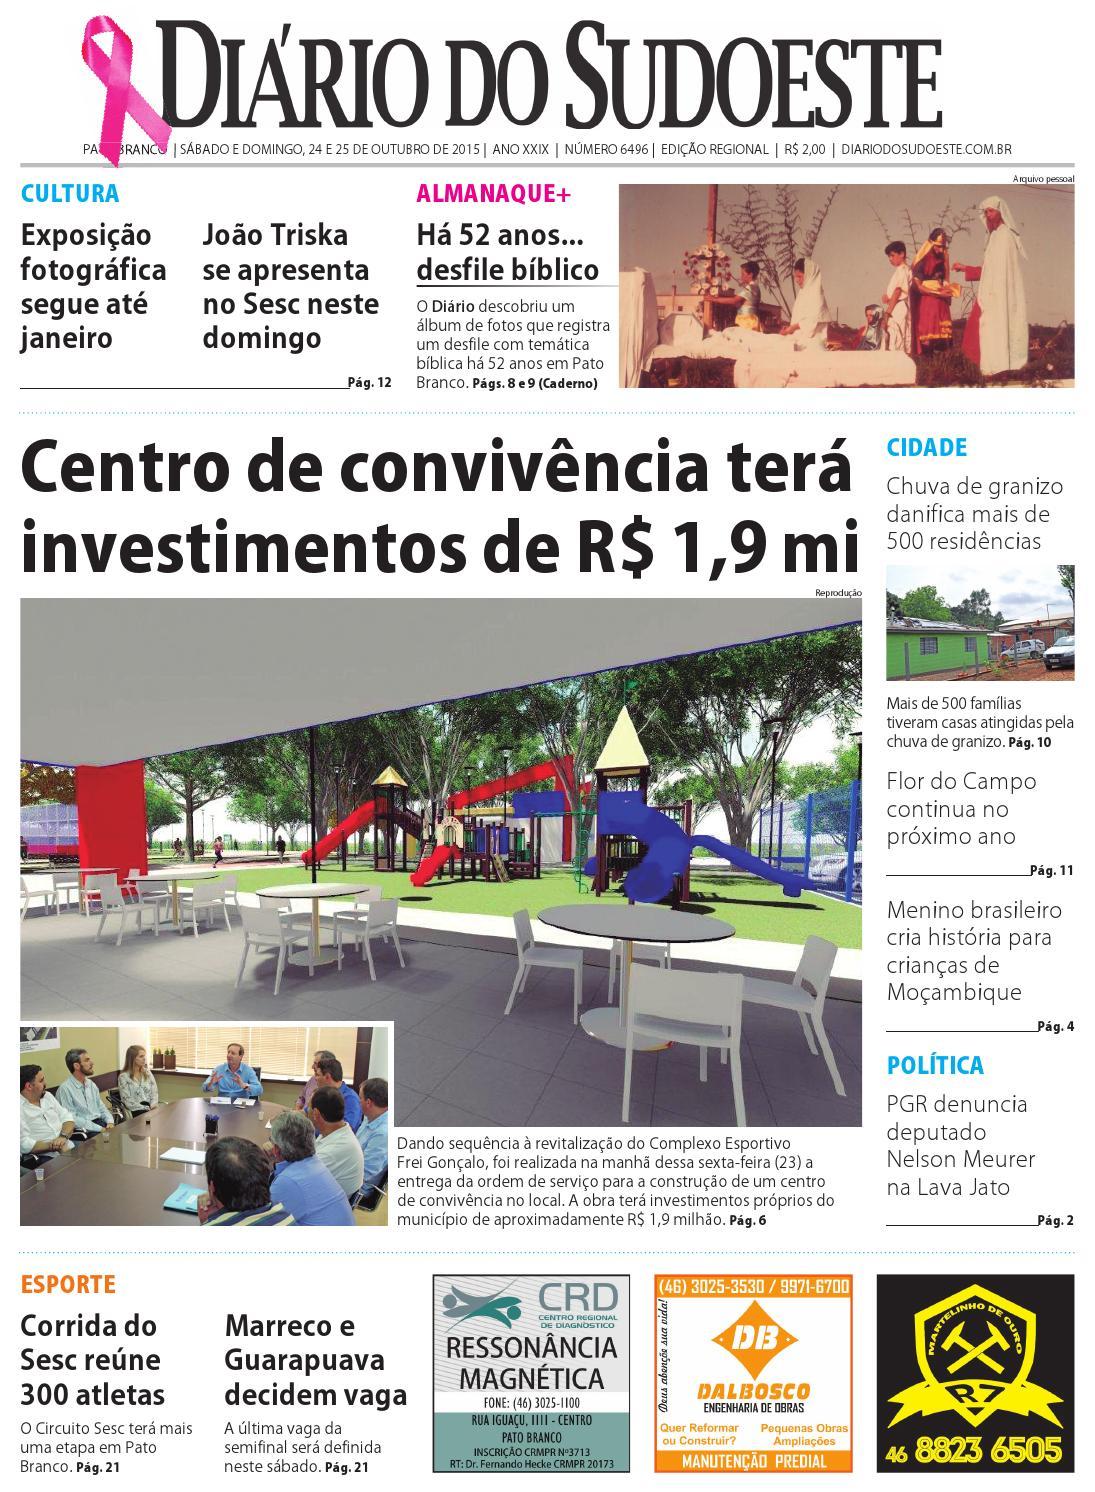 Diário do sudoeste 24 e 25 de outubro de 2015 ed 6496 by Diário do Sudoeste  - issuu 6f3c70e54d1